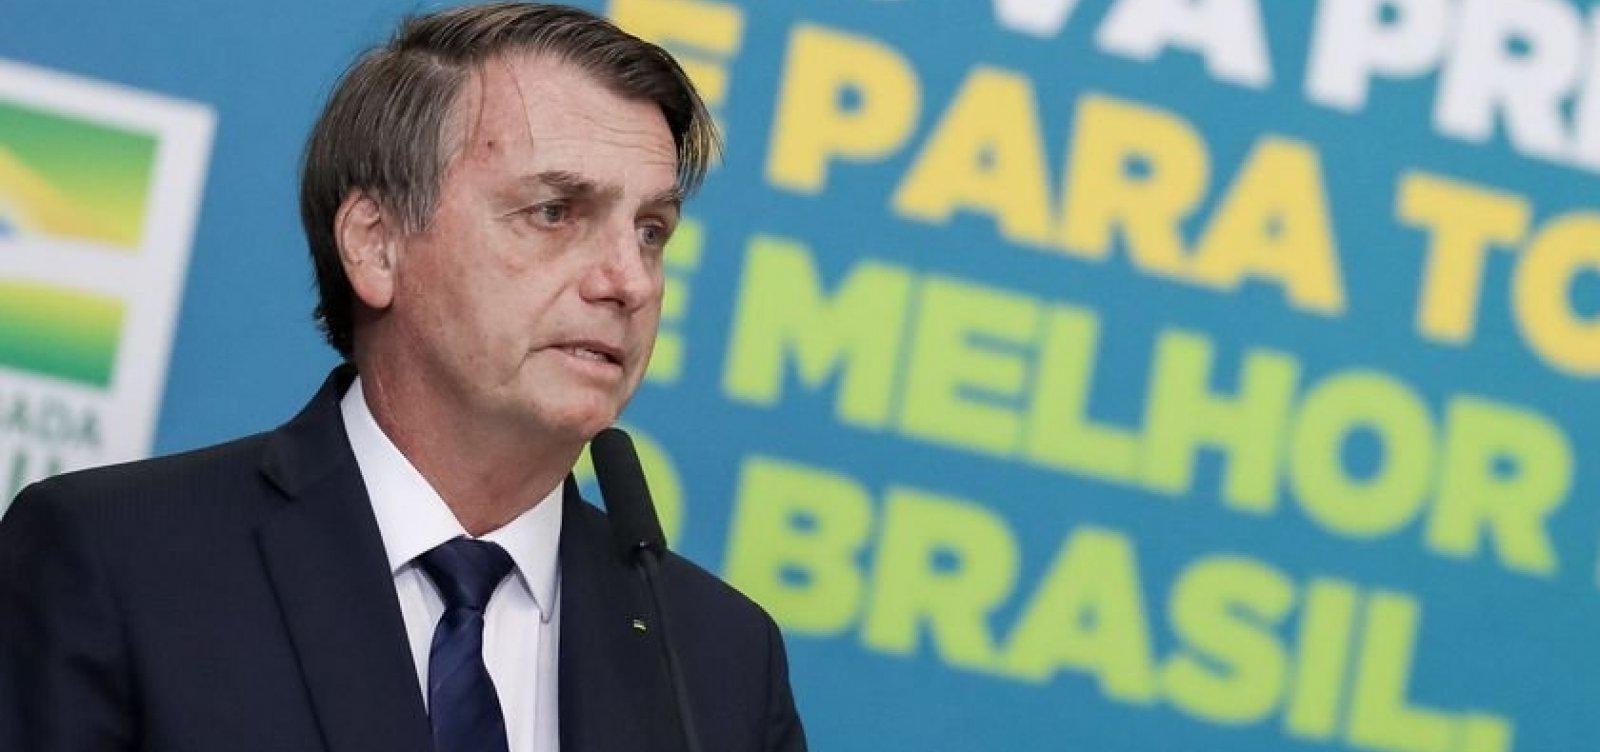 Bolsonaro chama empresários de 'heróis' e promete que não irá 'atrapalha-los'